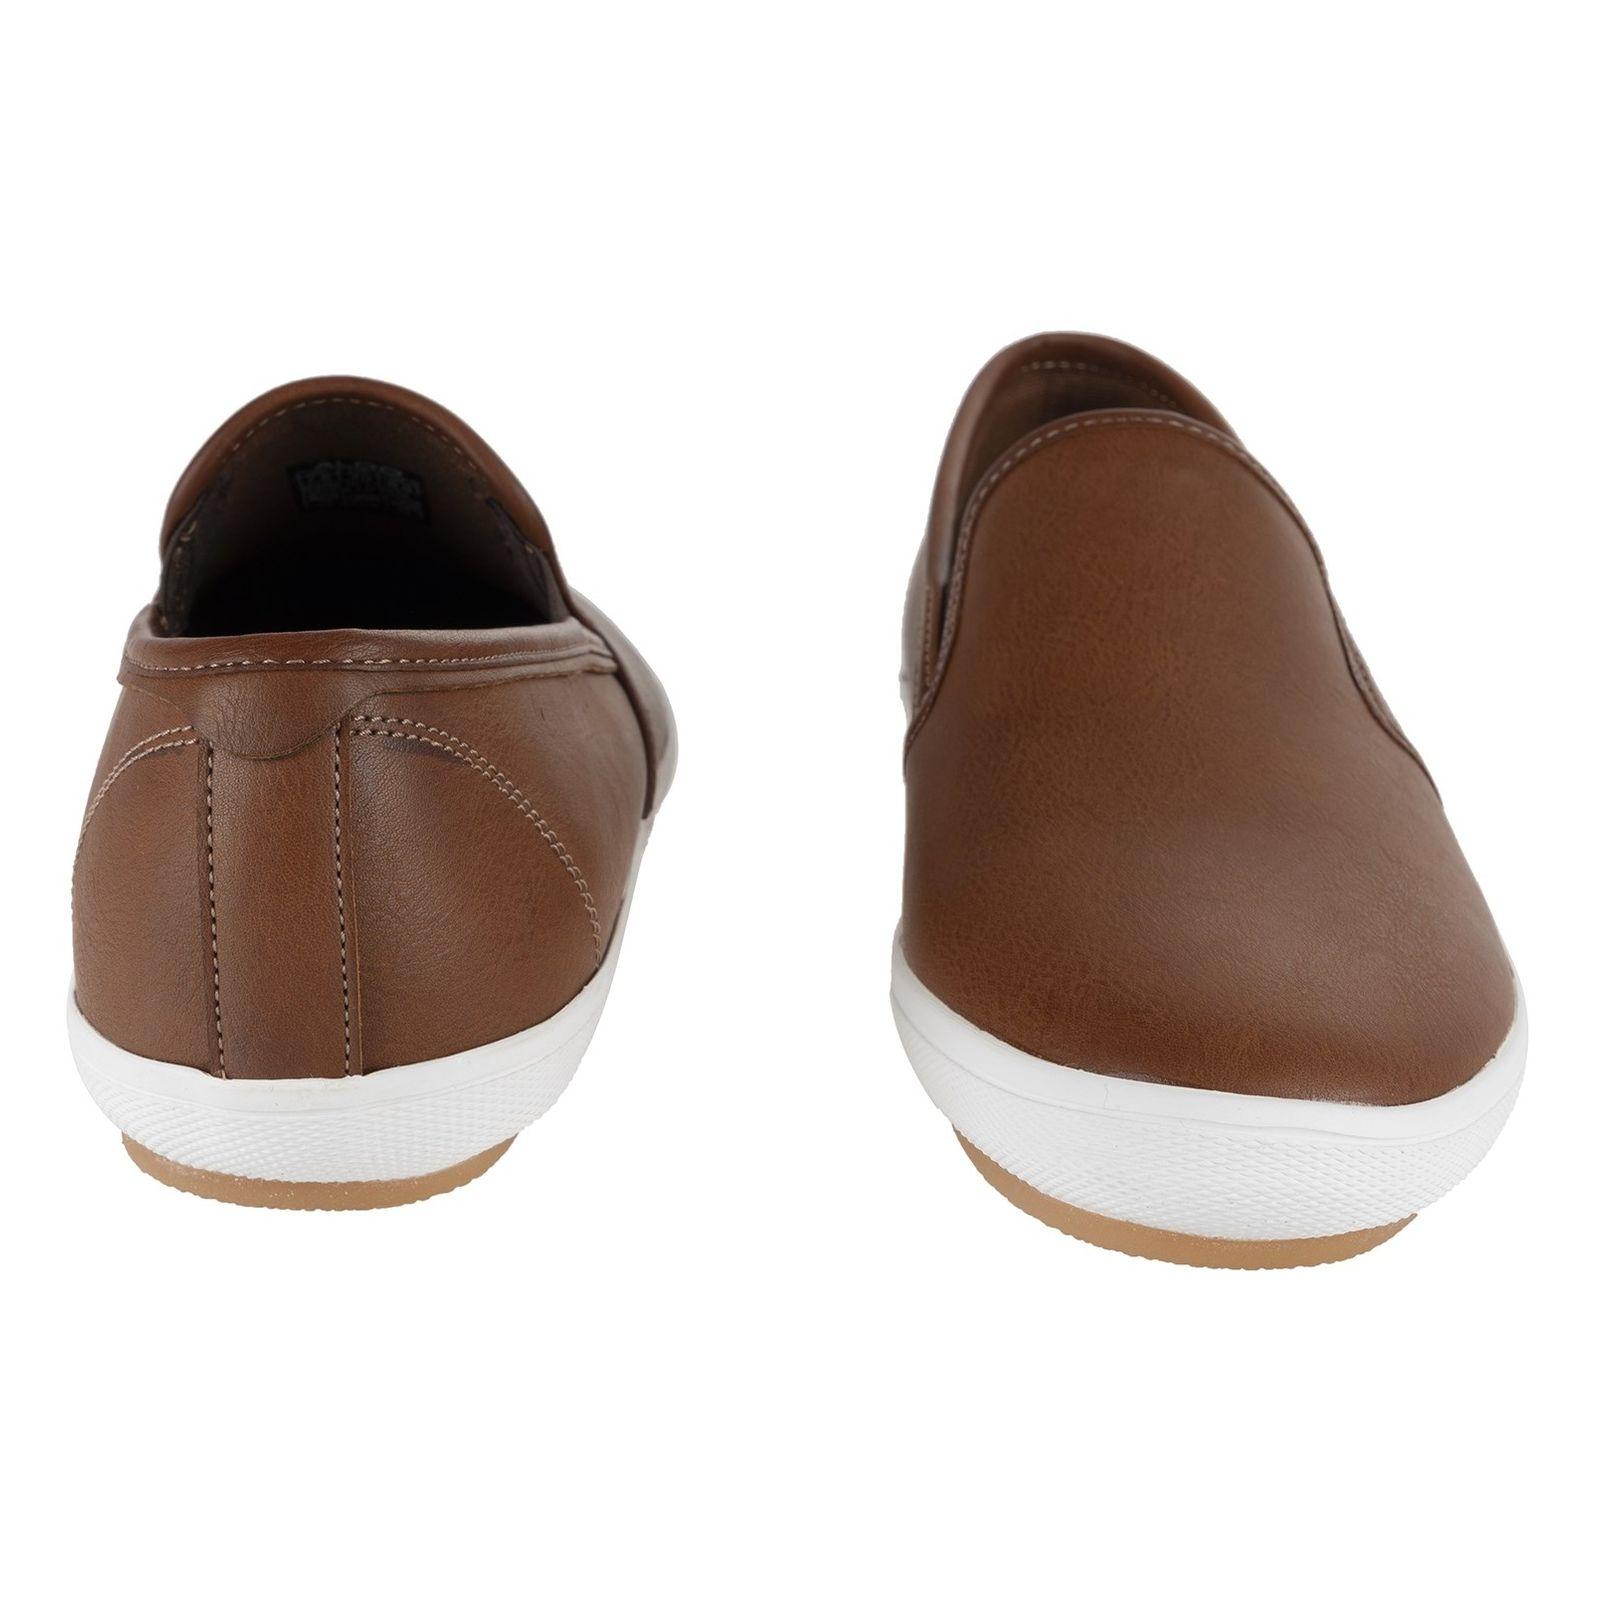 کفش راحتی مردانه - آلدو - قهوه اي - 5